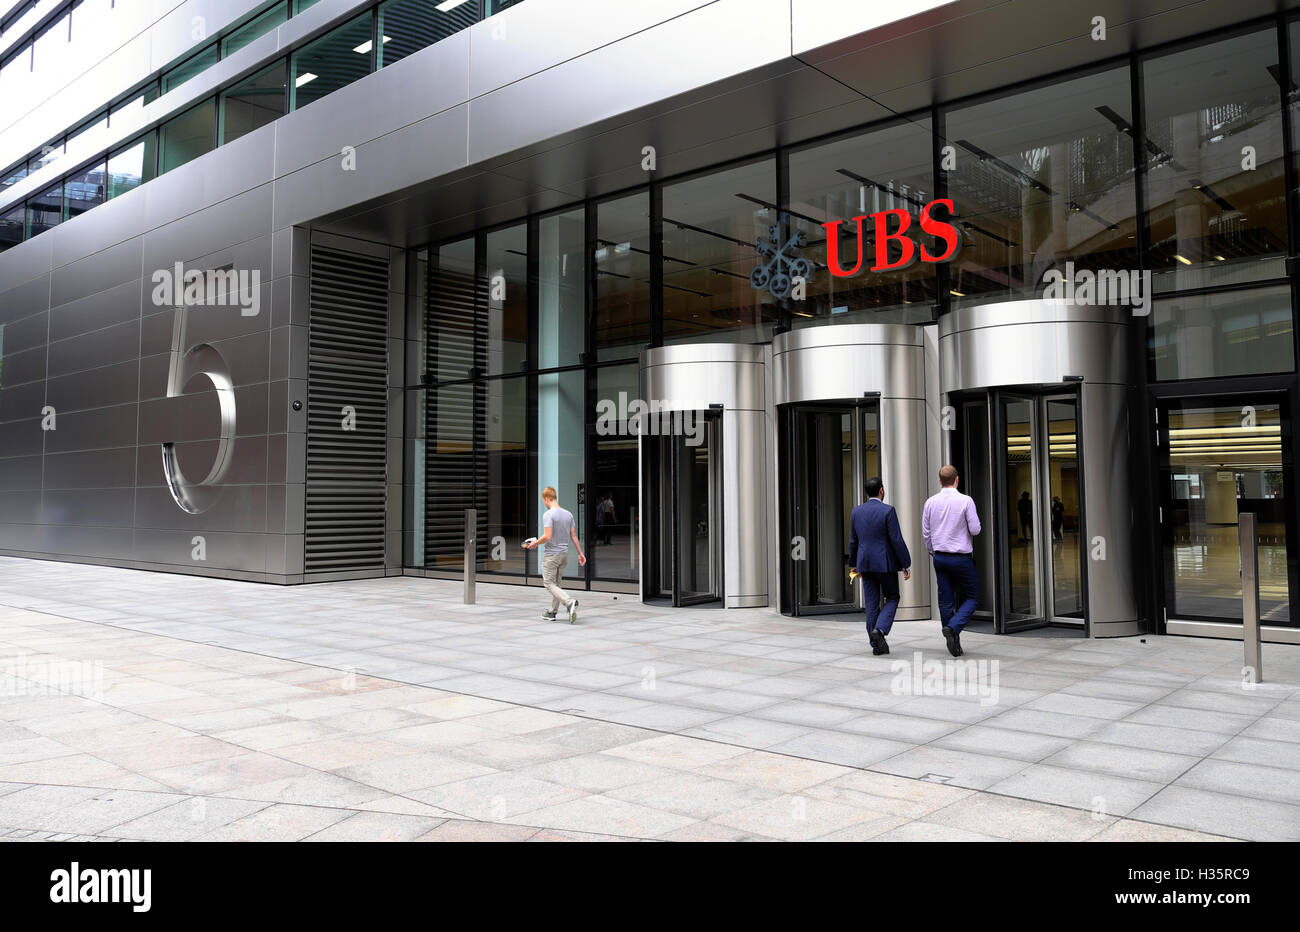 Ubs london office address - tenlaserp-blt ga